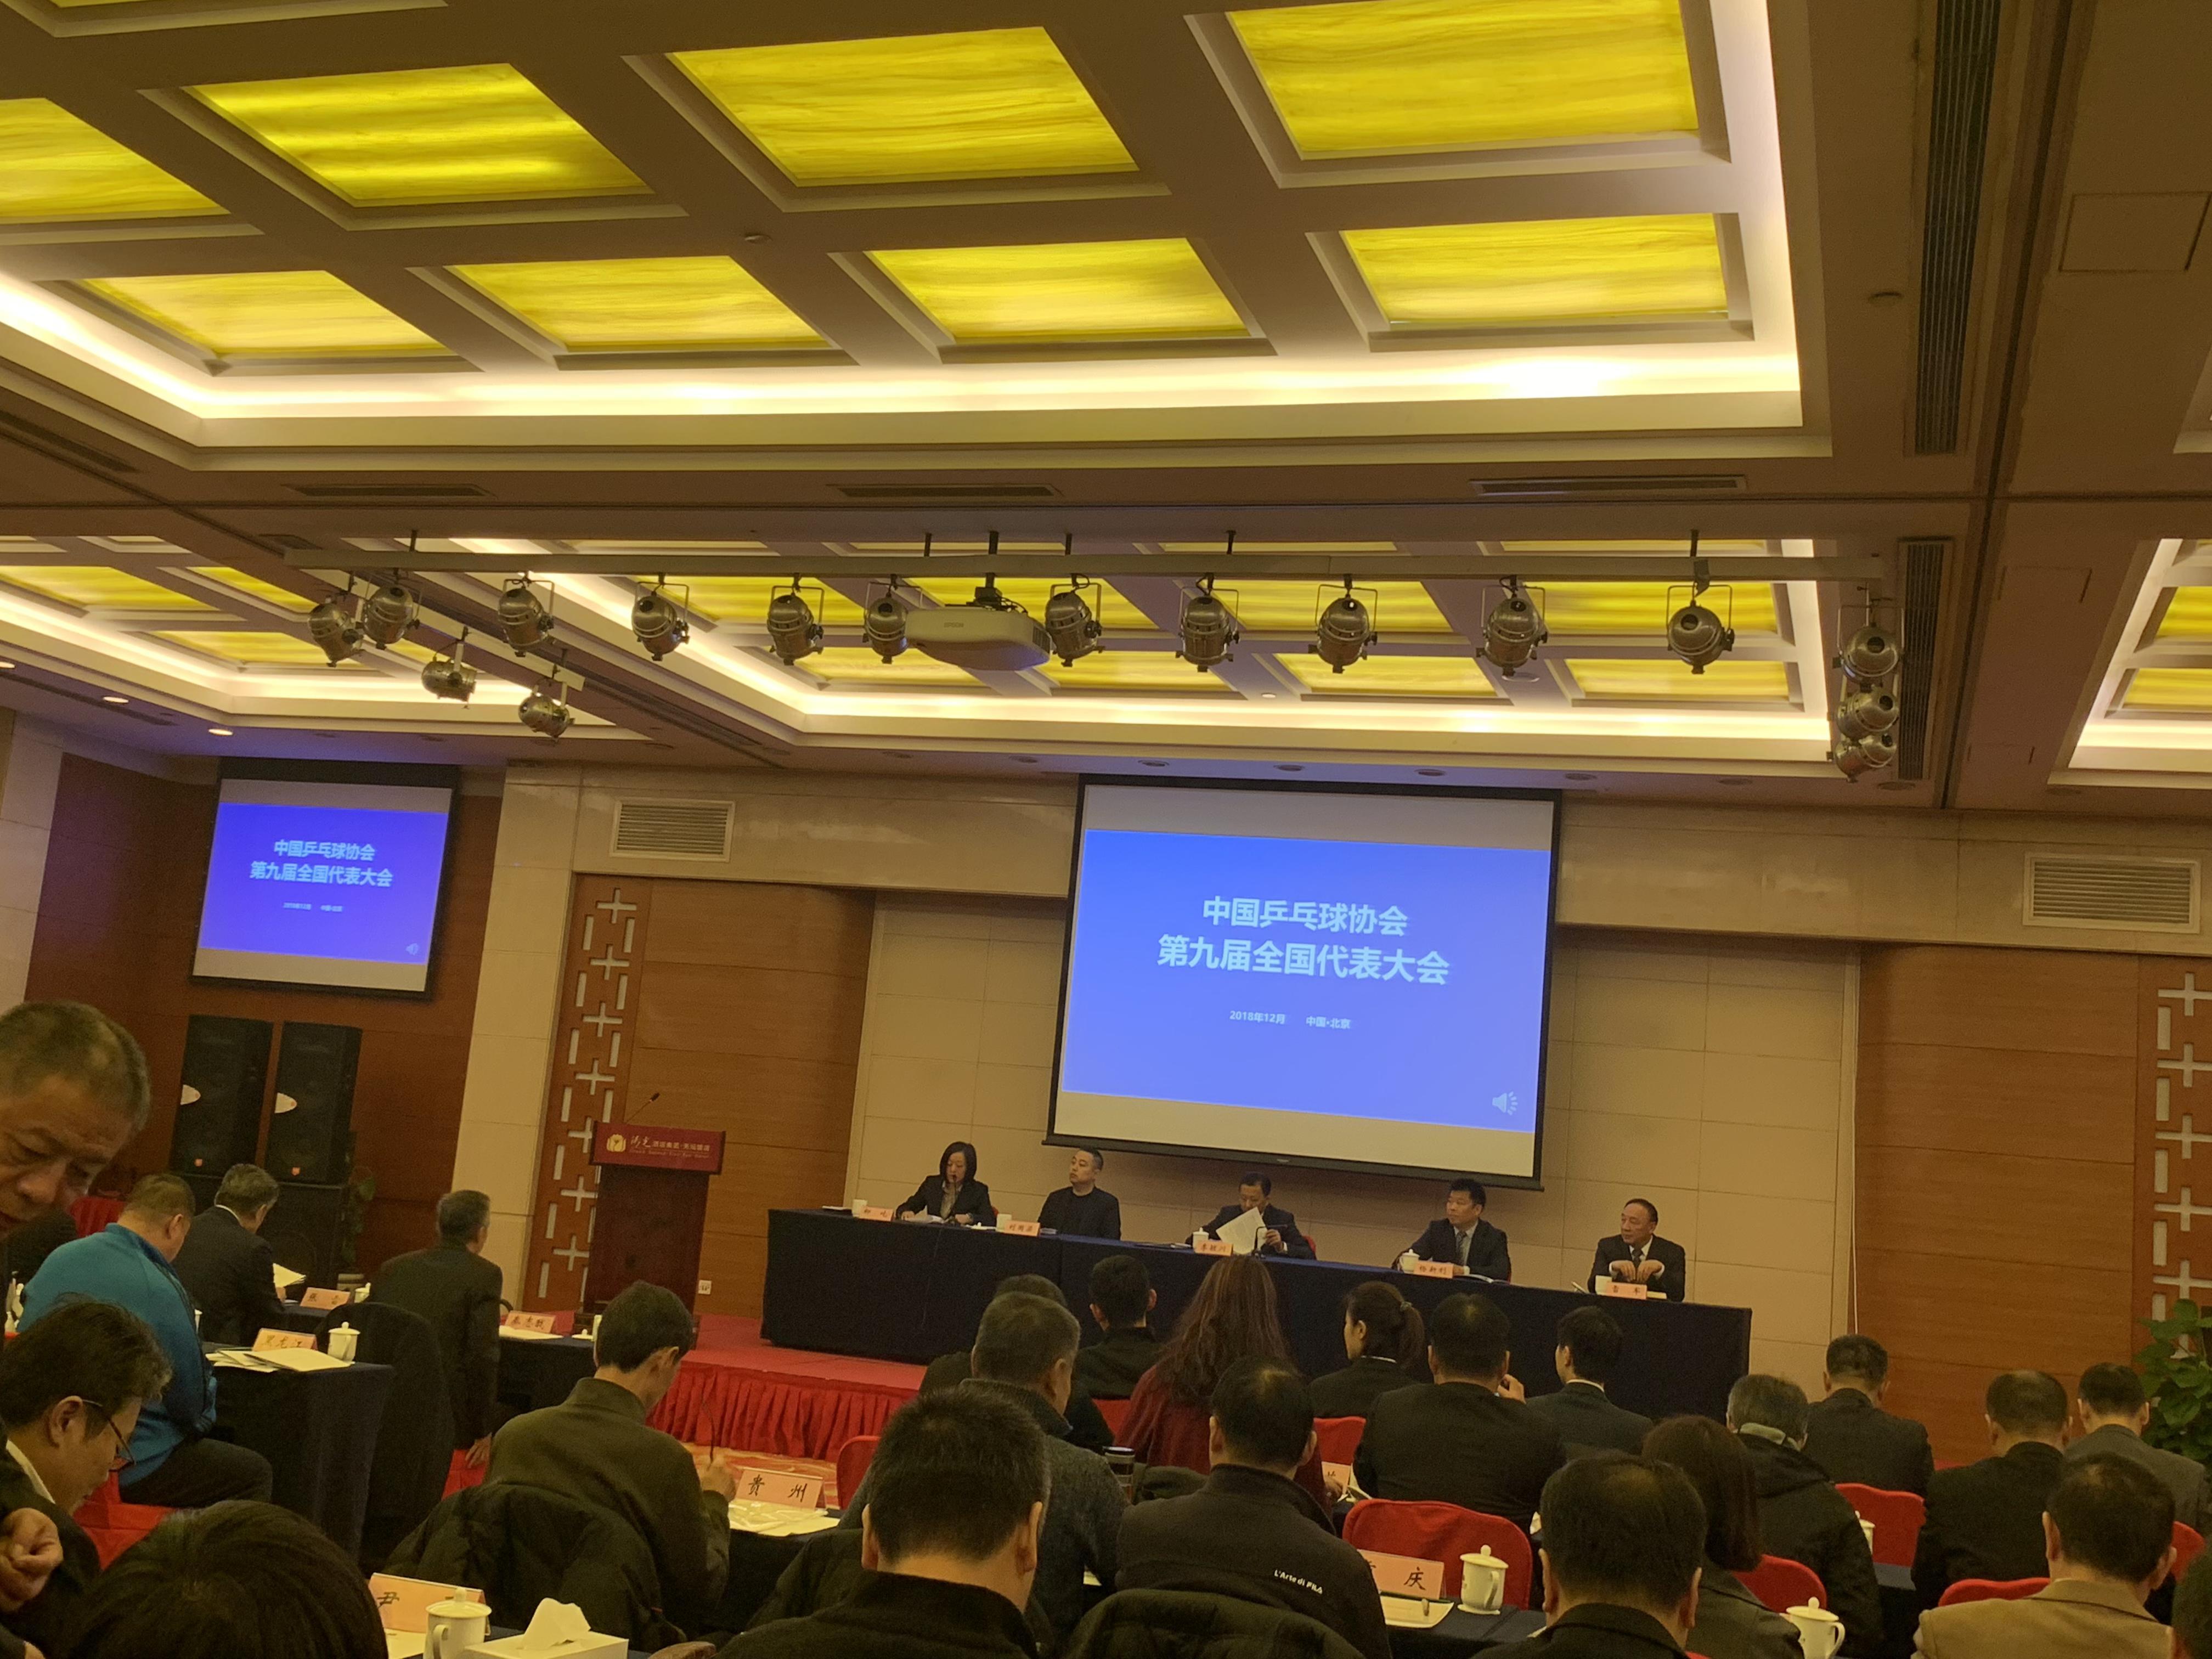 刘国梁当选新一届中国乒协主席 王励勤任副主席